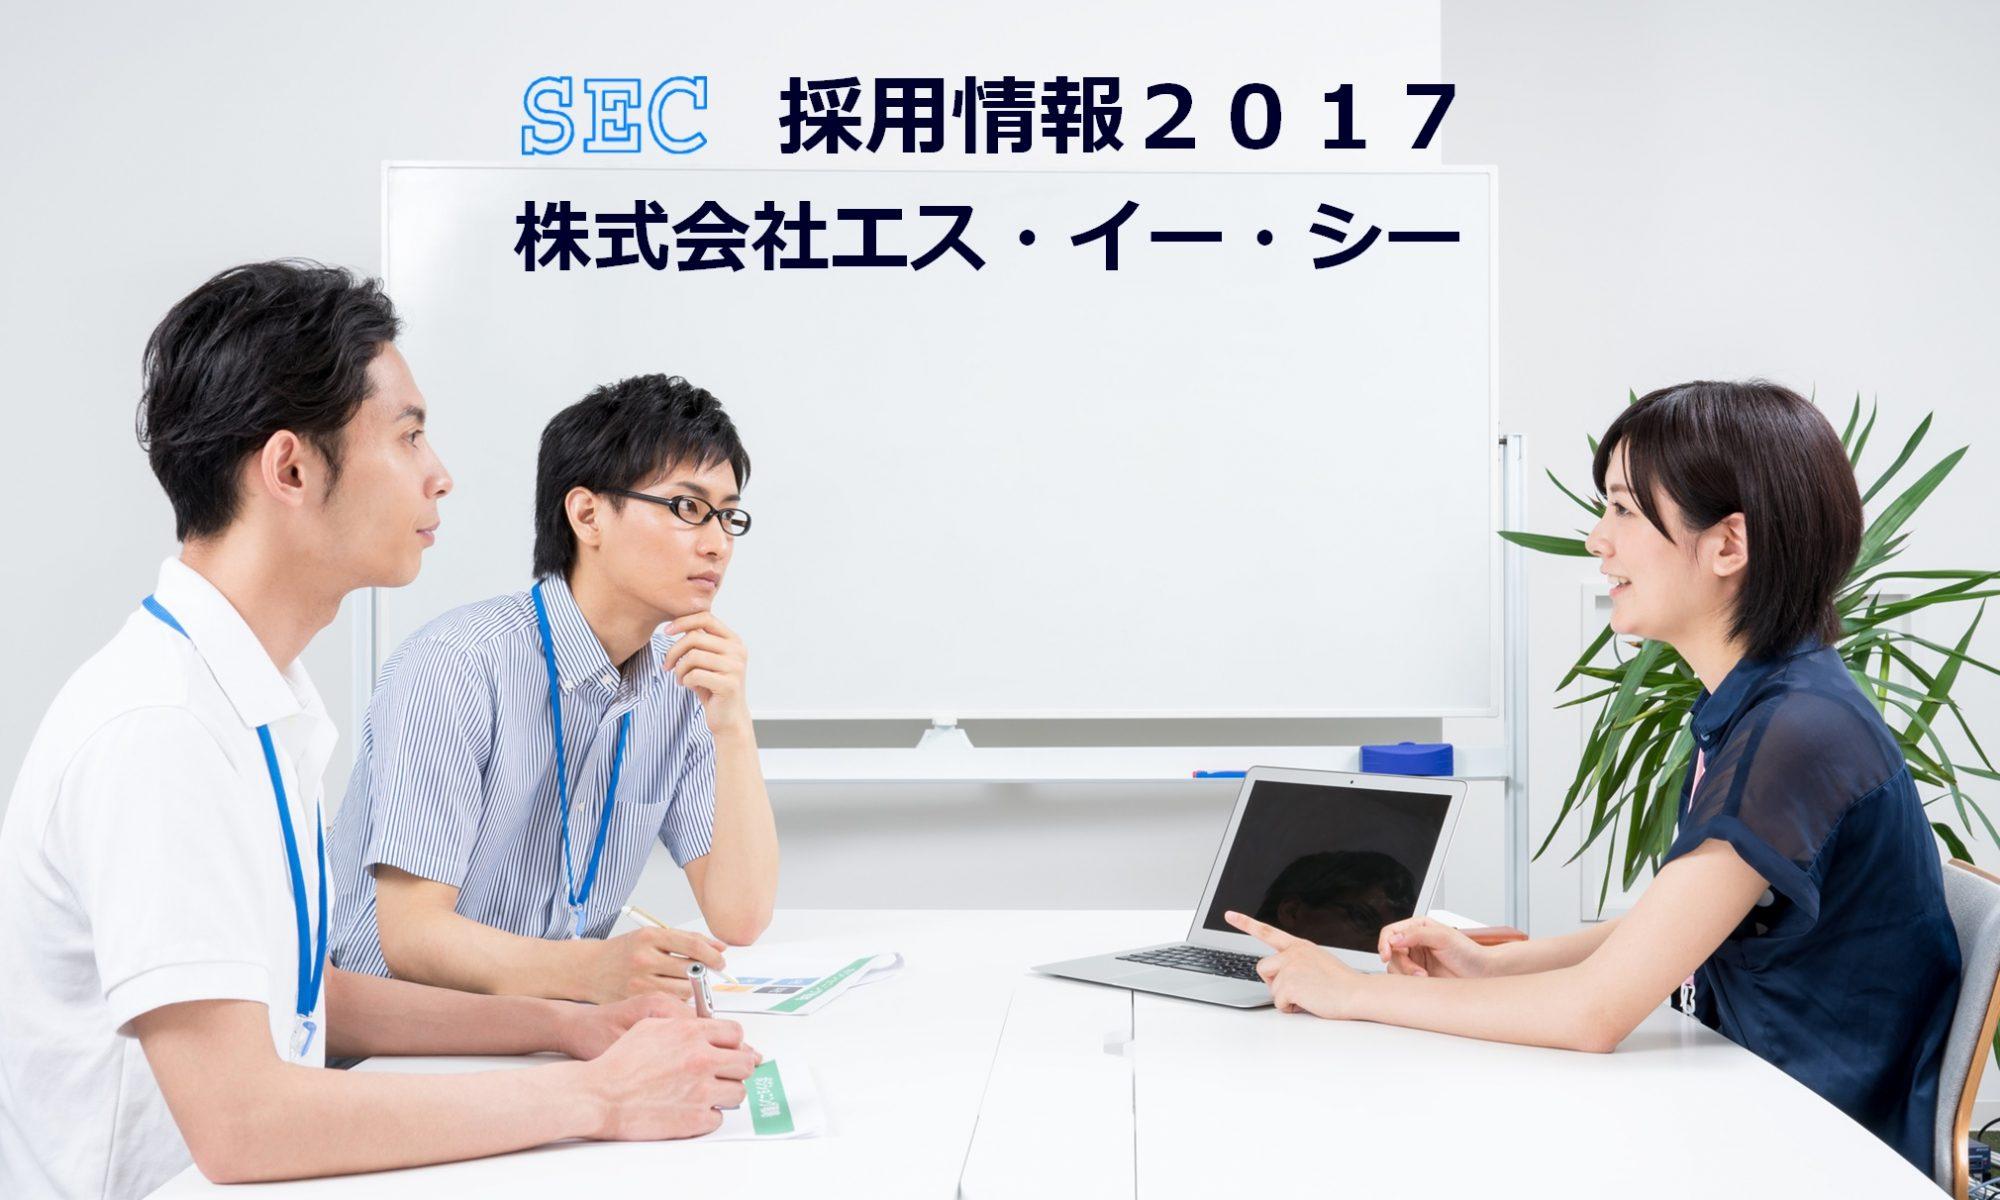 株式会社エス・イー・シー 採用情報2017